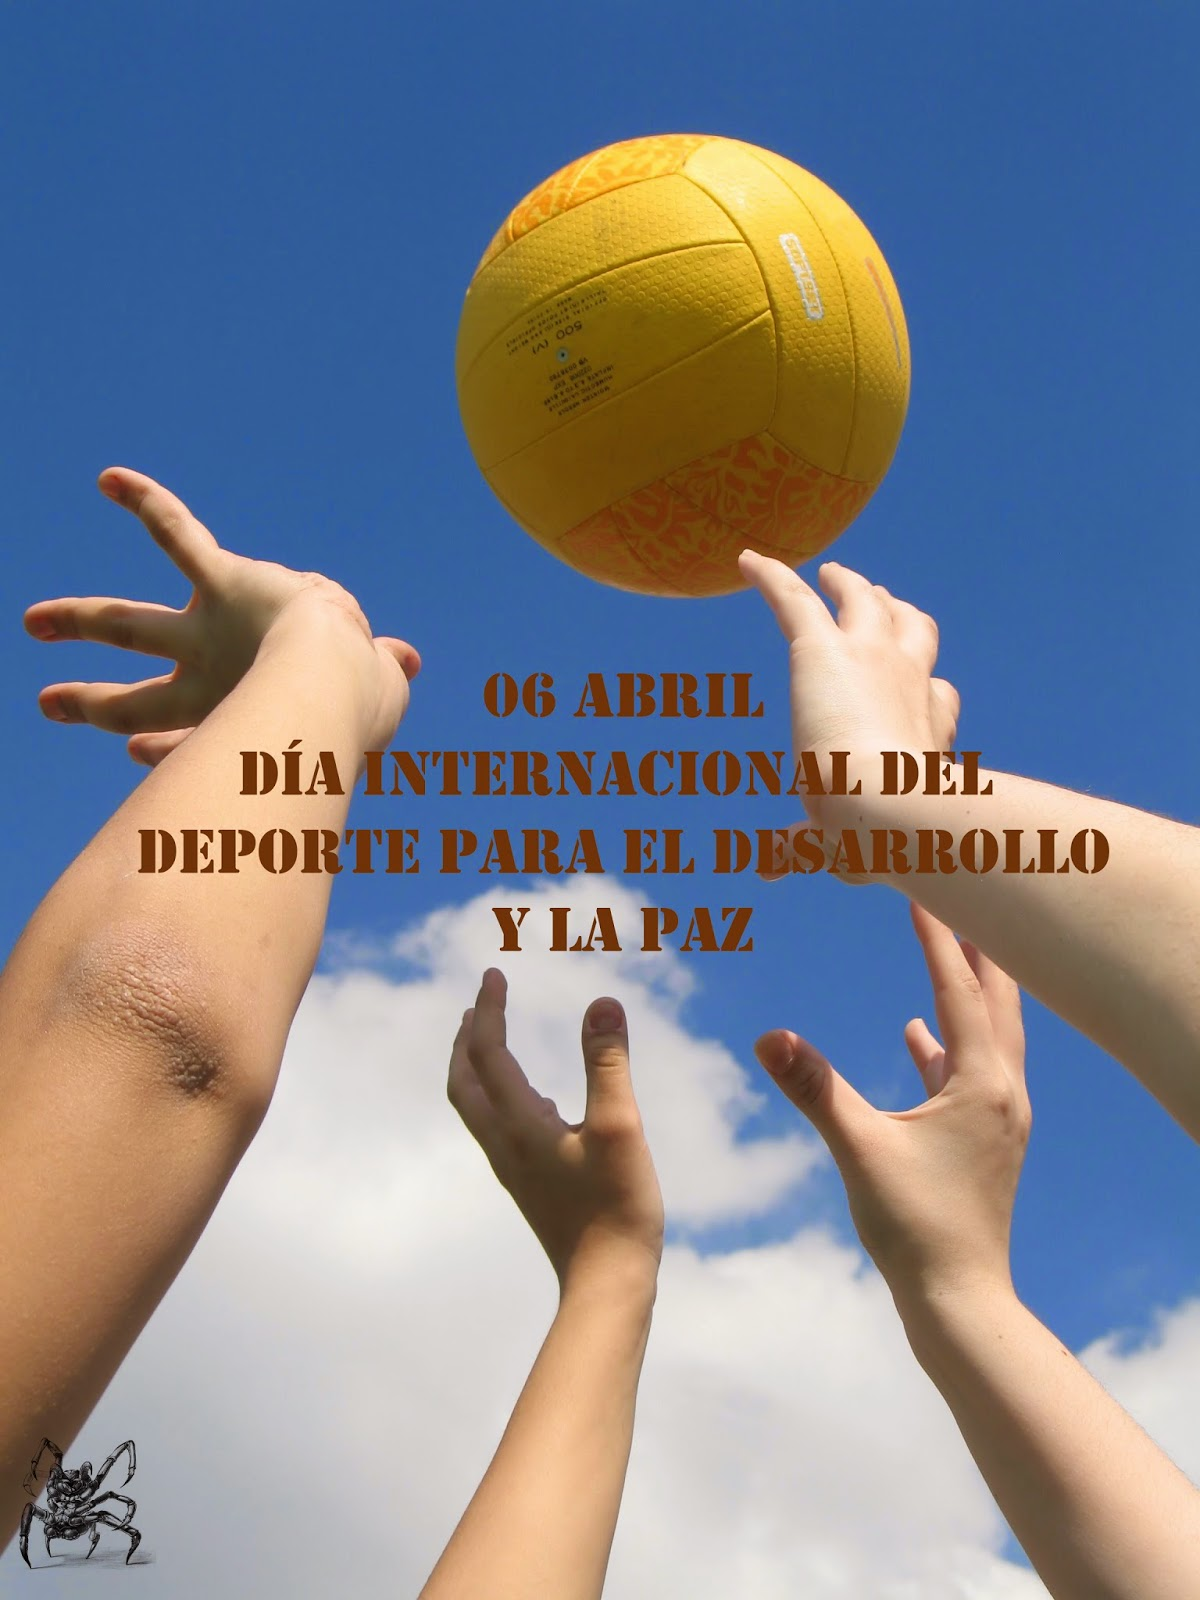 Dia Internacional del deporte para el desarrollo y la paz